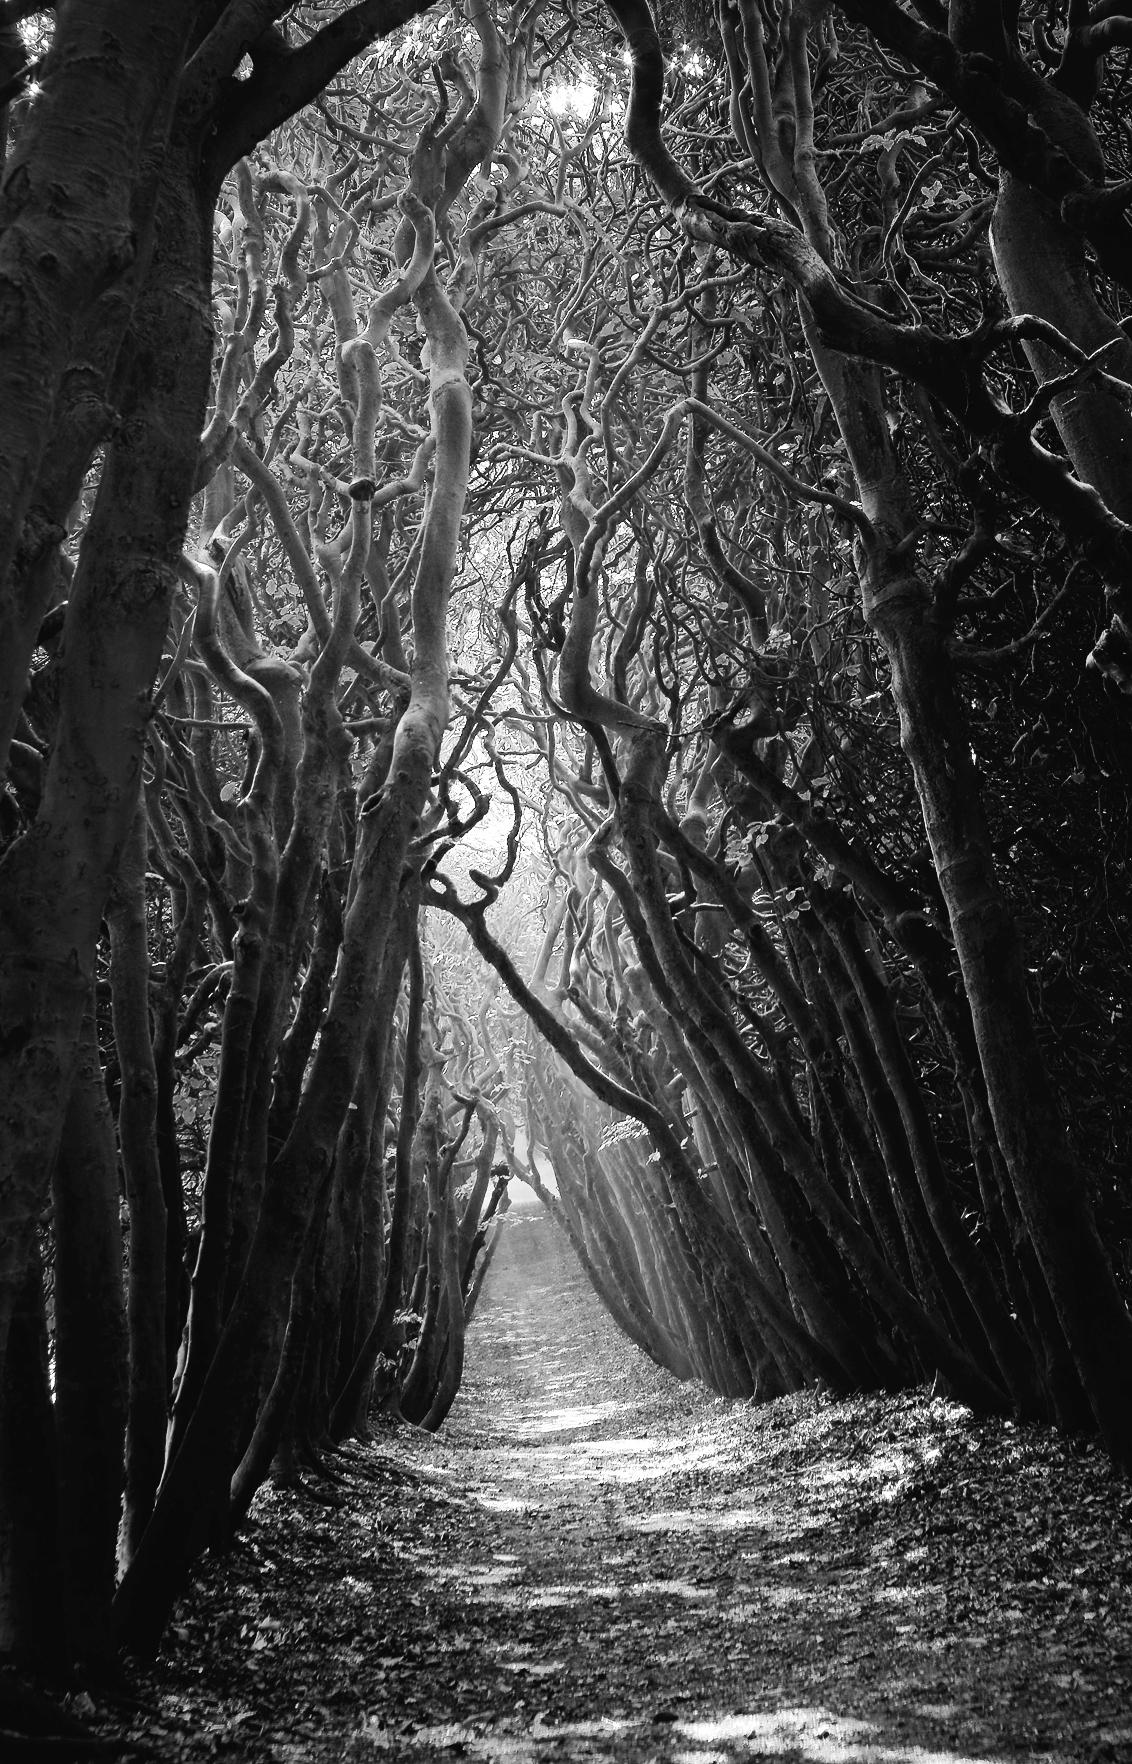 Sleepy Hollow - De berceau, ook wel loofgang, op Landgoed Mariëndaal, Oosterbeek kan op het juiste moment behoorlijk creepy zijn. Deze loofgangen stammen uit de tijd - foto door chrizzx op 23-12-2015 - deze foto bevat: boom, landschap, mist, bos, voorjaar, beuk, nederland, mysterieus, mystiek, gelderland, haagbeuk, mariendaal, oosterbeek, zwart-wit, b&w, berceau